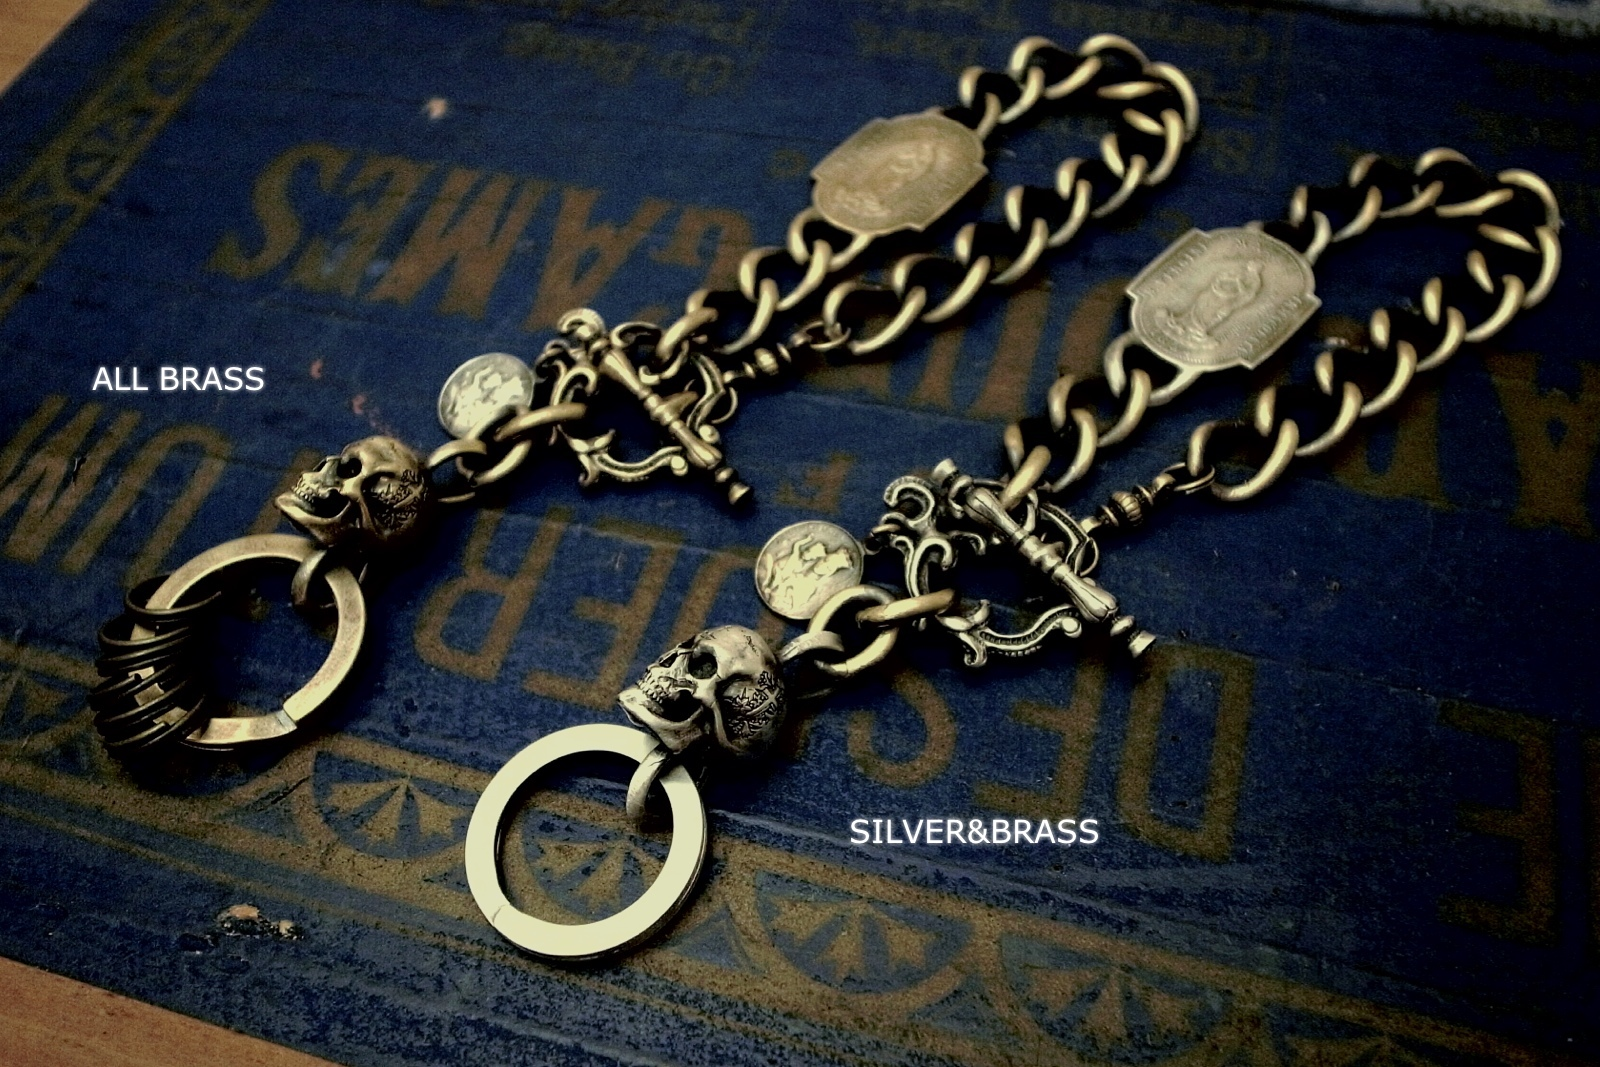 SILVER&BRASSとALL BRASSの2種類【Madeleine Skull Keychain】